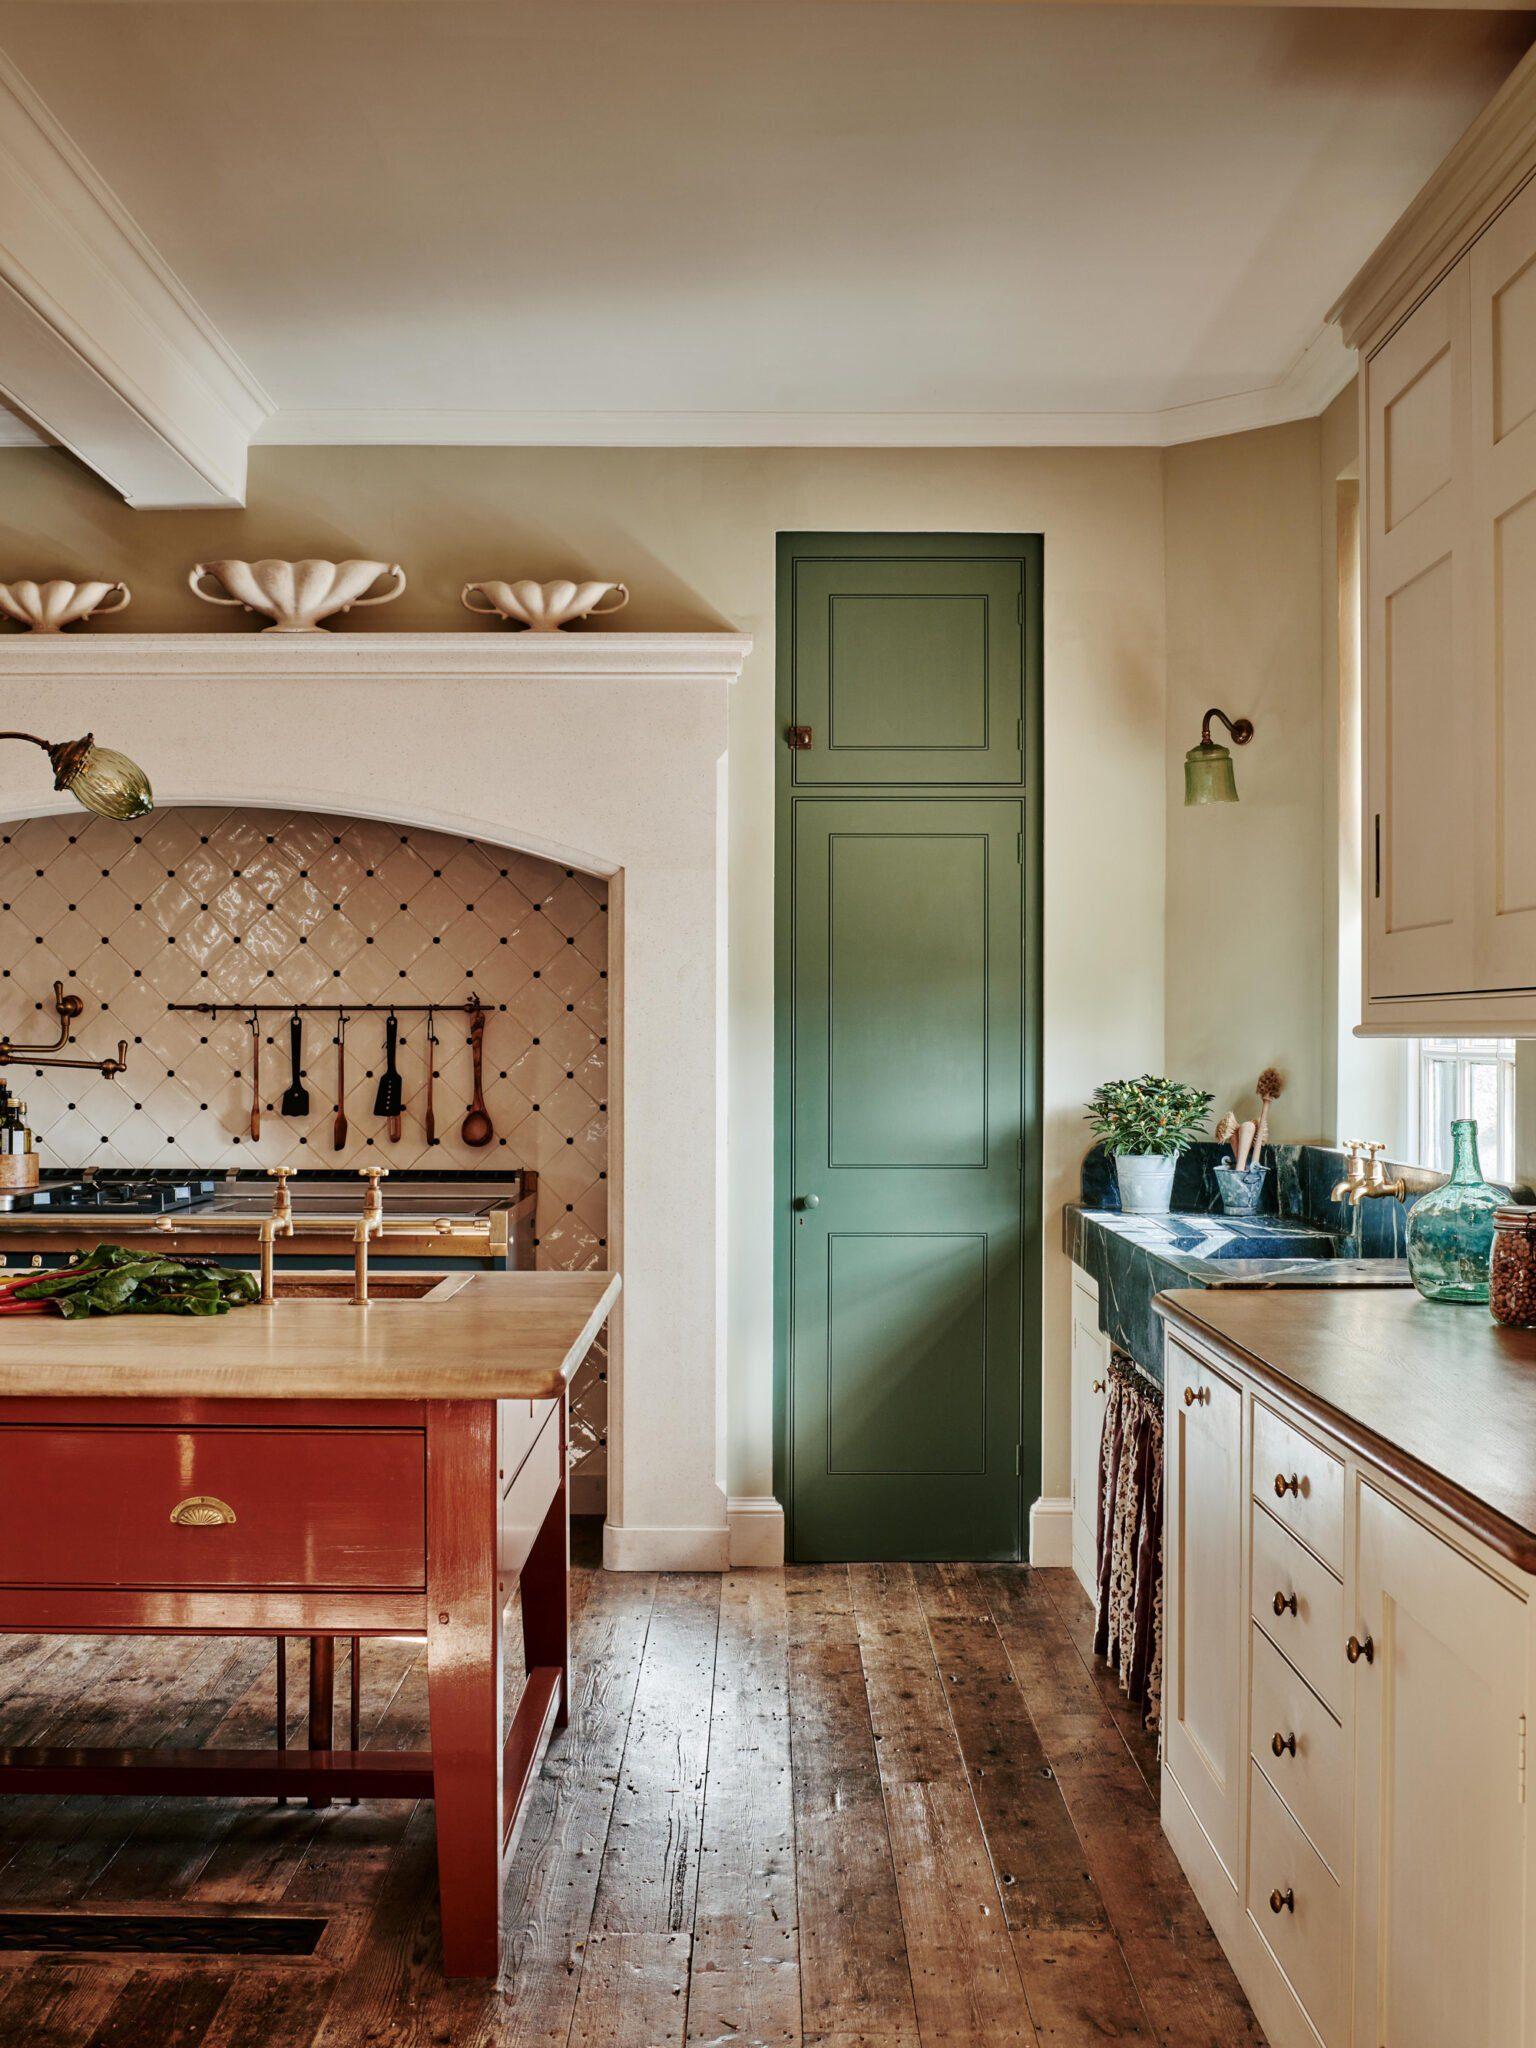 Period kitchen with green door